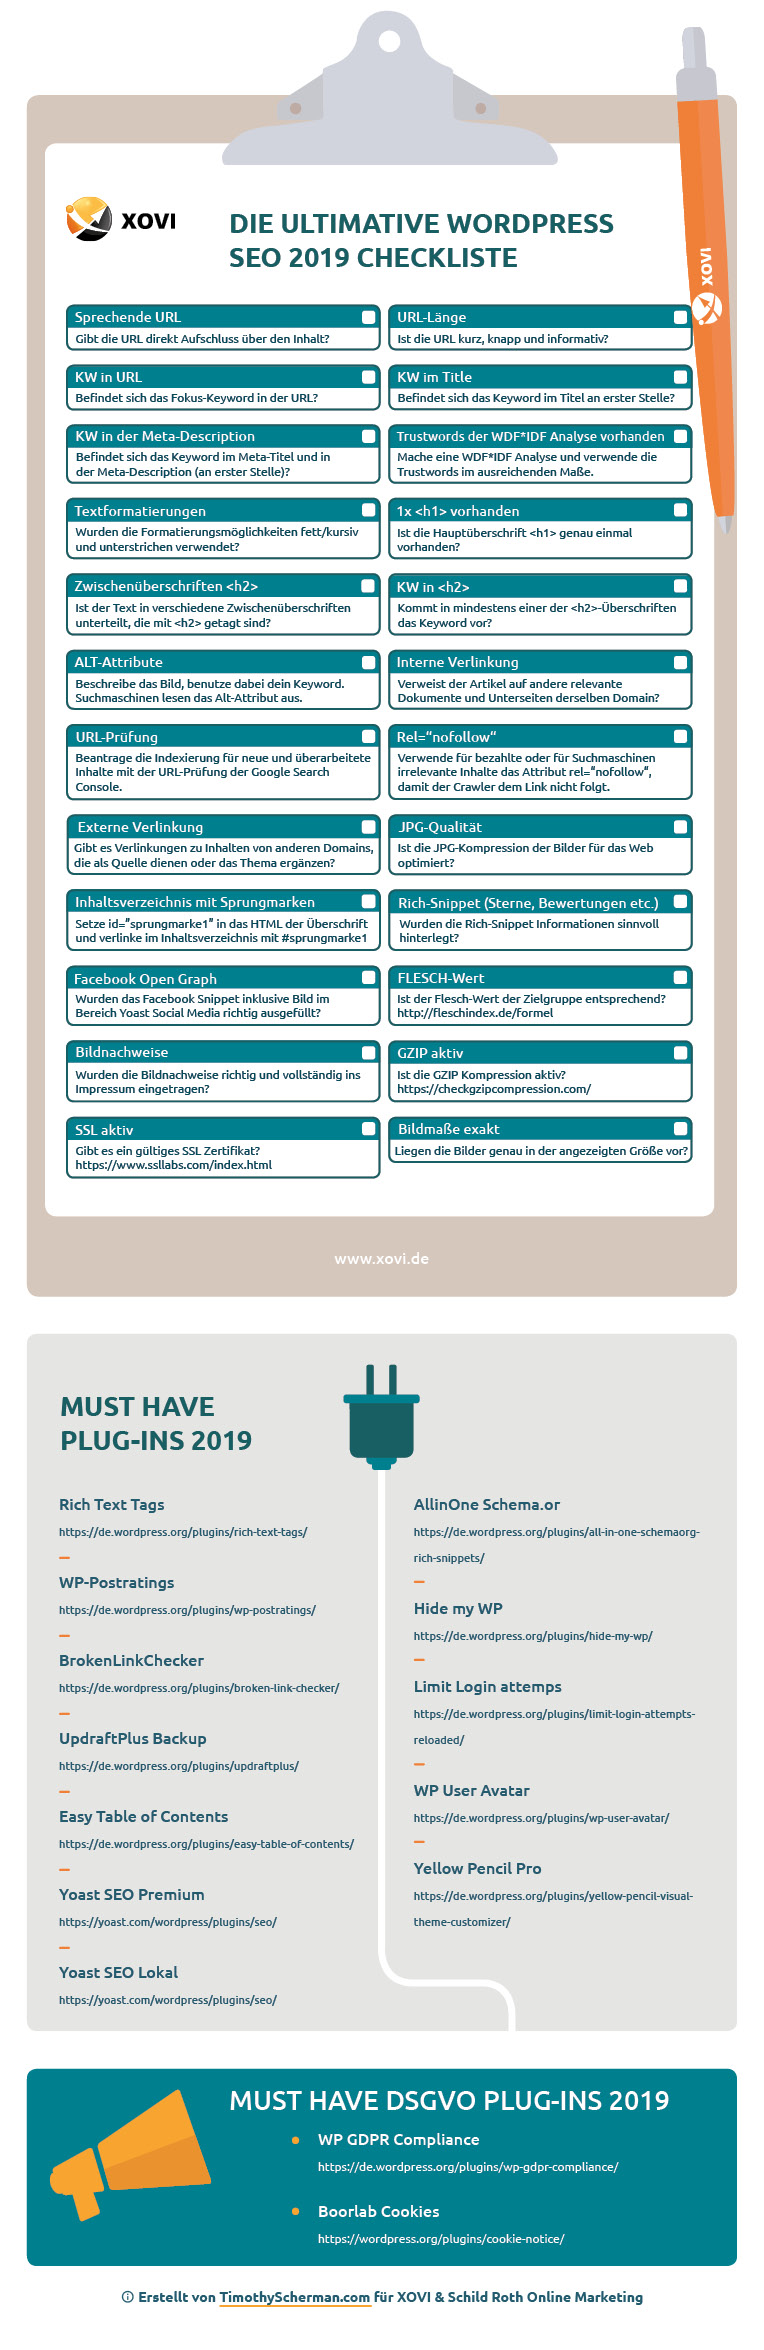 Technik, Content, Links, Plugins: Deine Checkliste für erfolgreiches WordPress SEO in 2019